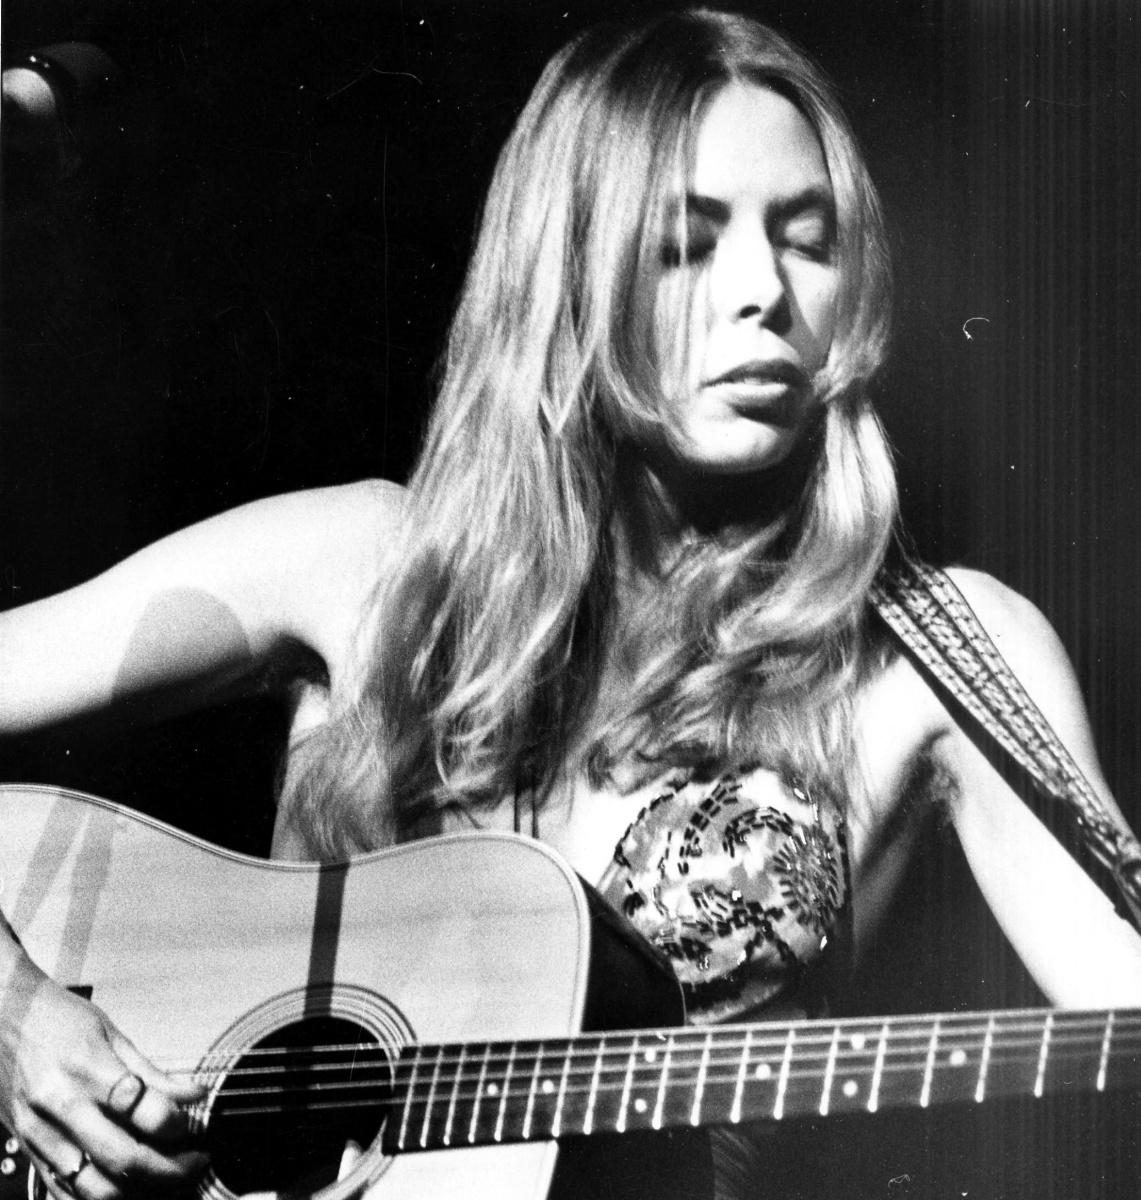 April 20, 1974 UVSXqY